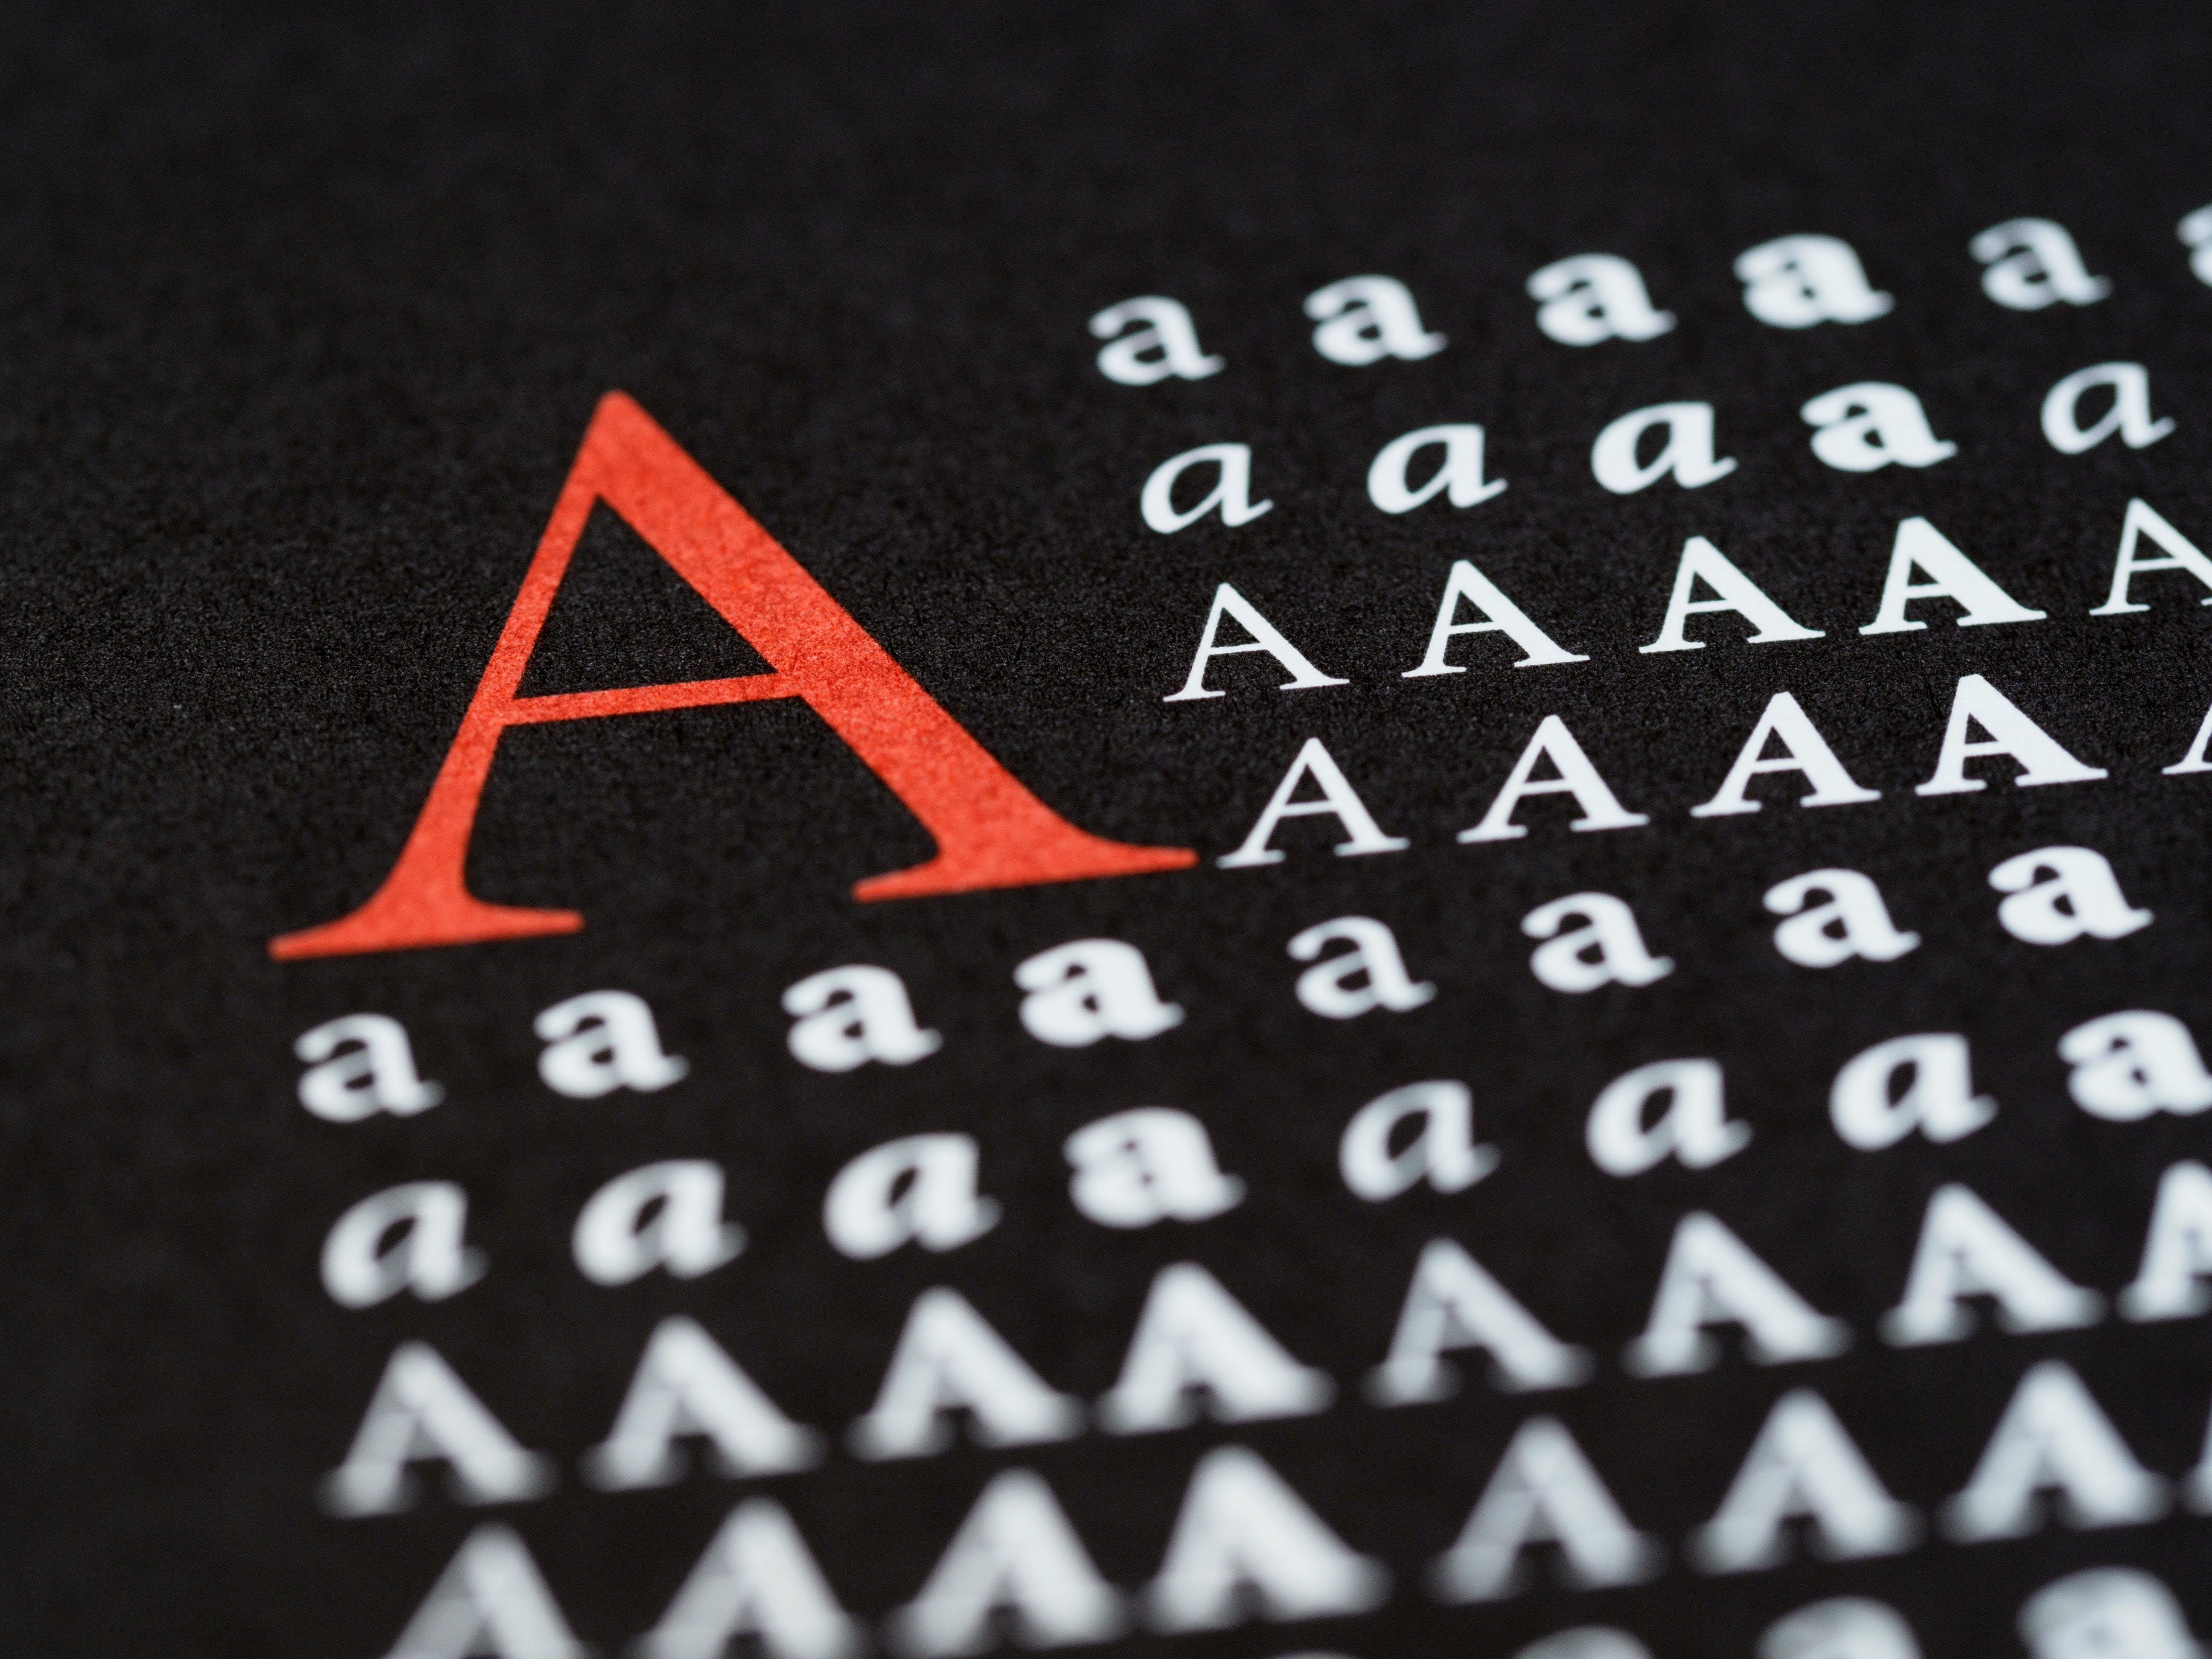 Use typefaces judiciously